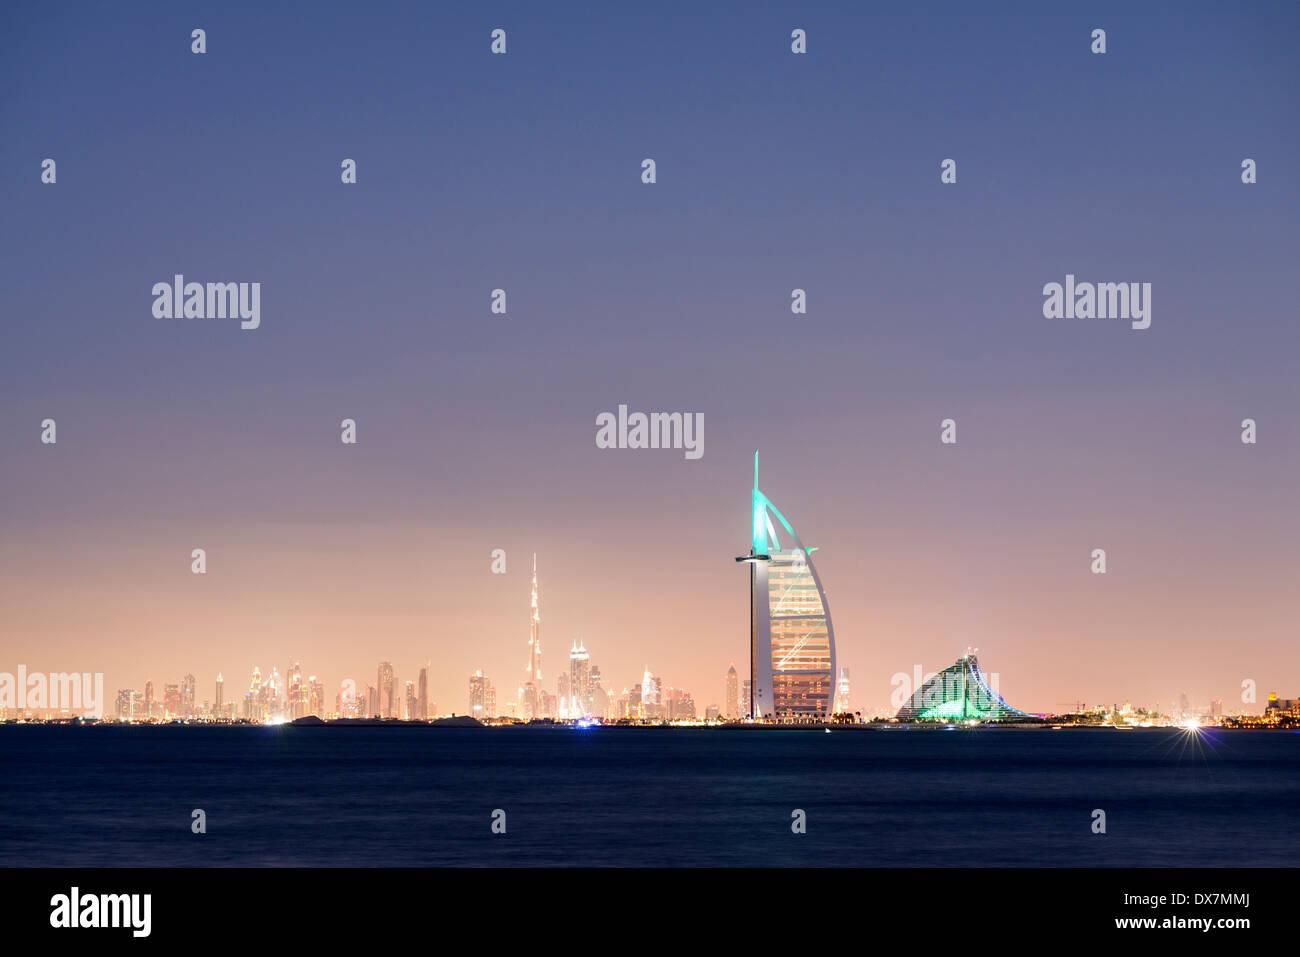 Noche skyline en mar de lujo Burj al Arab, el hotel y la ciudad de Dubai con Burj Khalifa torre en distancia Emiratos Arabes Unidos Imagen De Stock